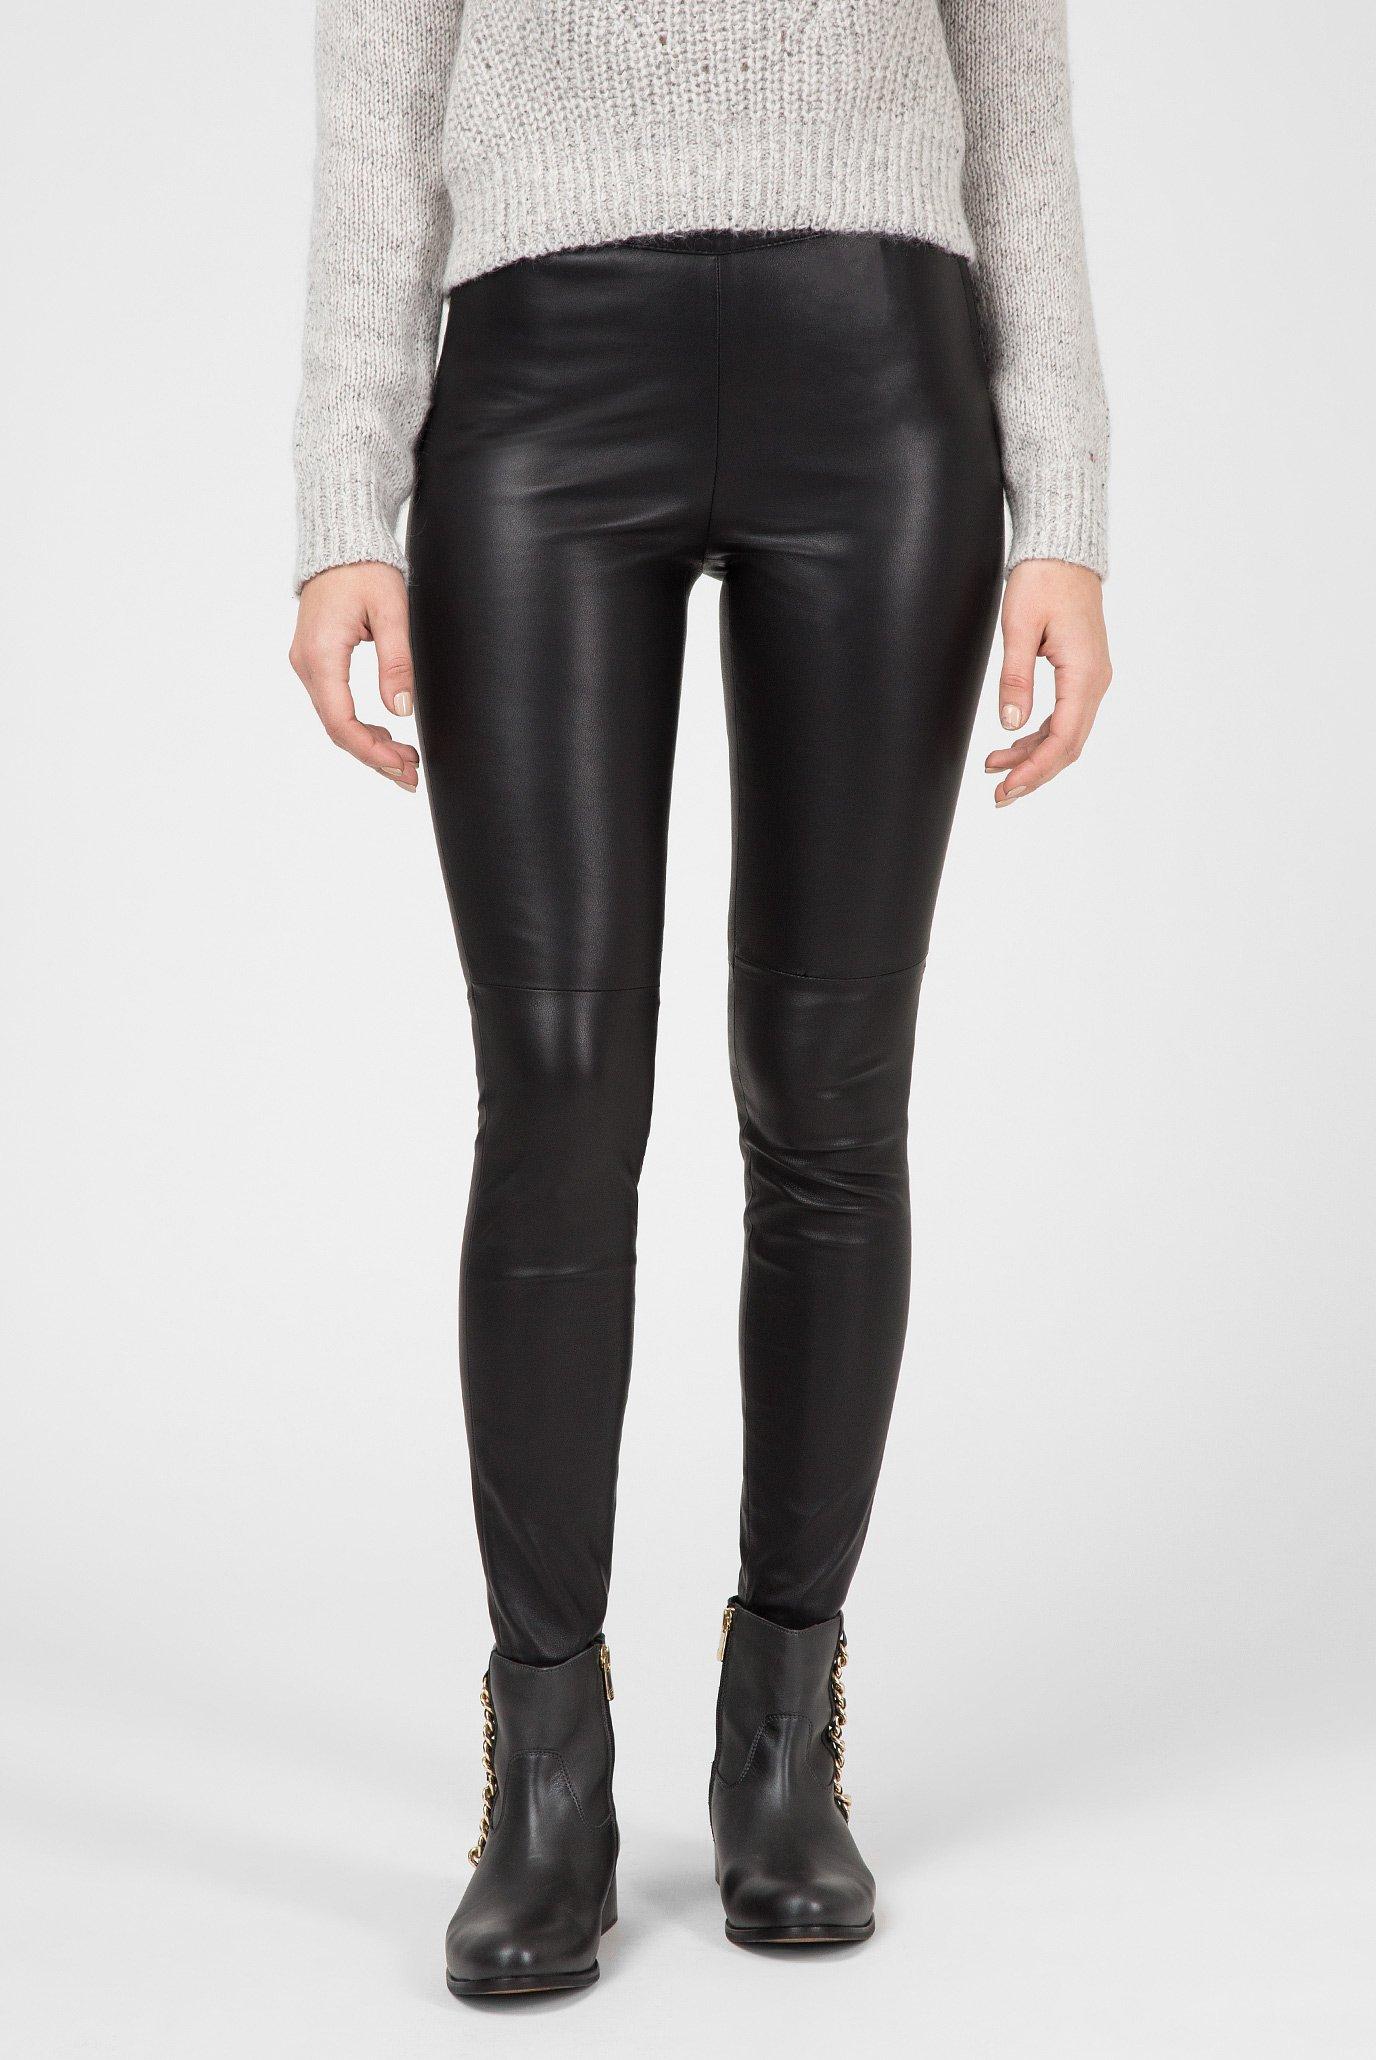 Купить Женские черные кожаные брюки Tommy Hilfiger Tommy Hilfiger WW0WW20580 – Киев, Украина. Цены в интернет магазине MD Fashion